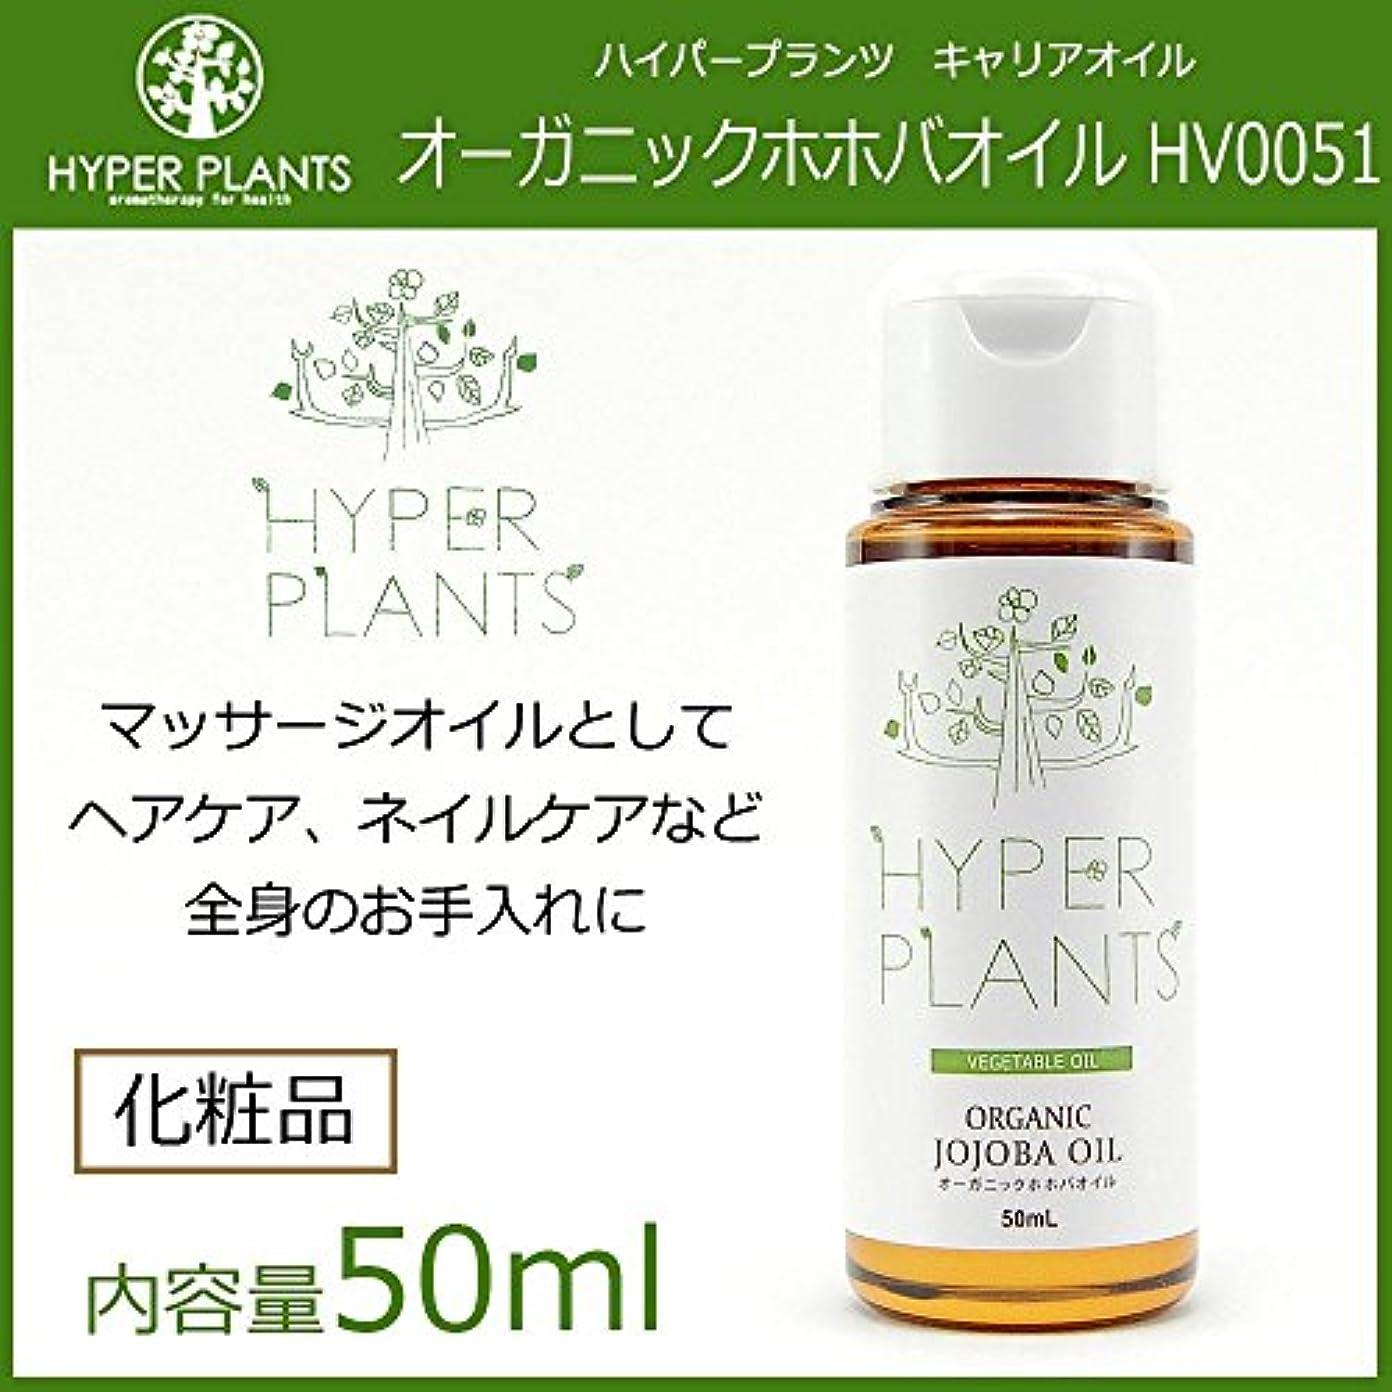 トライアスロンバーゲン前提HYPER PLANTS ハイパープランツ キャリアオイル オーガニックホホバオイル 50ml HV0051